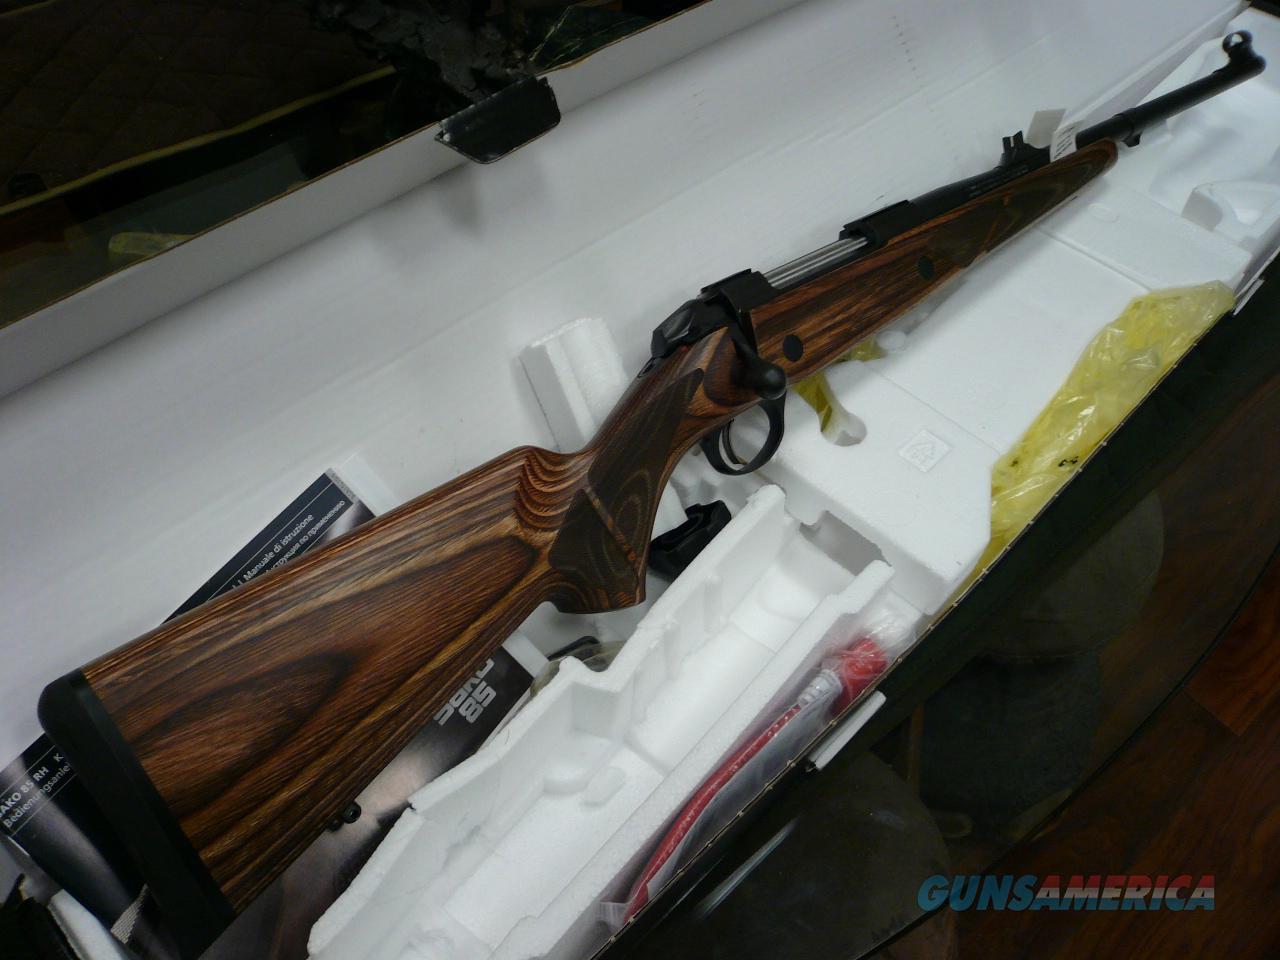 M85/BROWN BEAR(EUROPEAN MODEL) 375HH NIB  Guns > Rifles > Sako Rifles > M85 Series